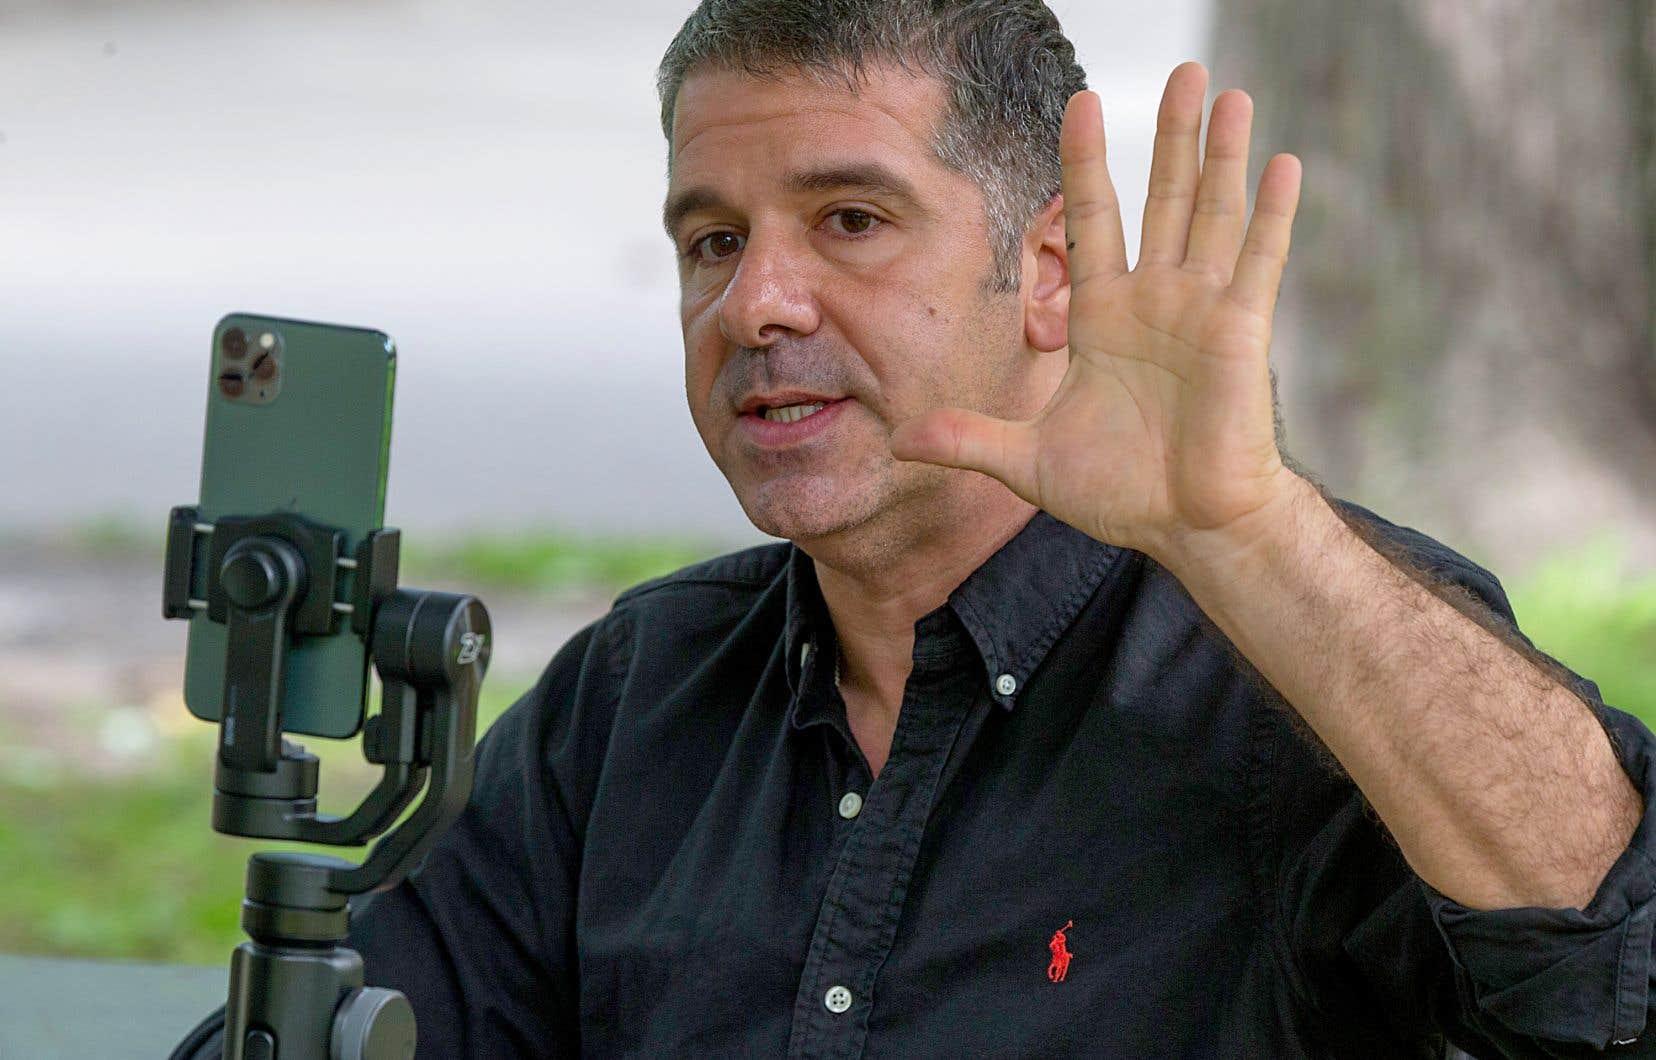 Le leader complotiste québécois Alexis Cossette-Trudel diffuse sur Odysee et Vk et il s'engage sur Parler.